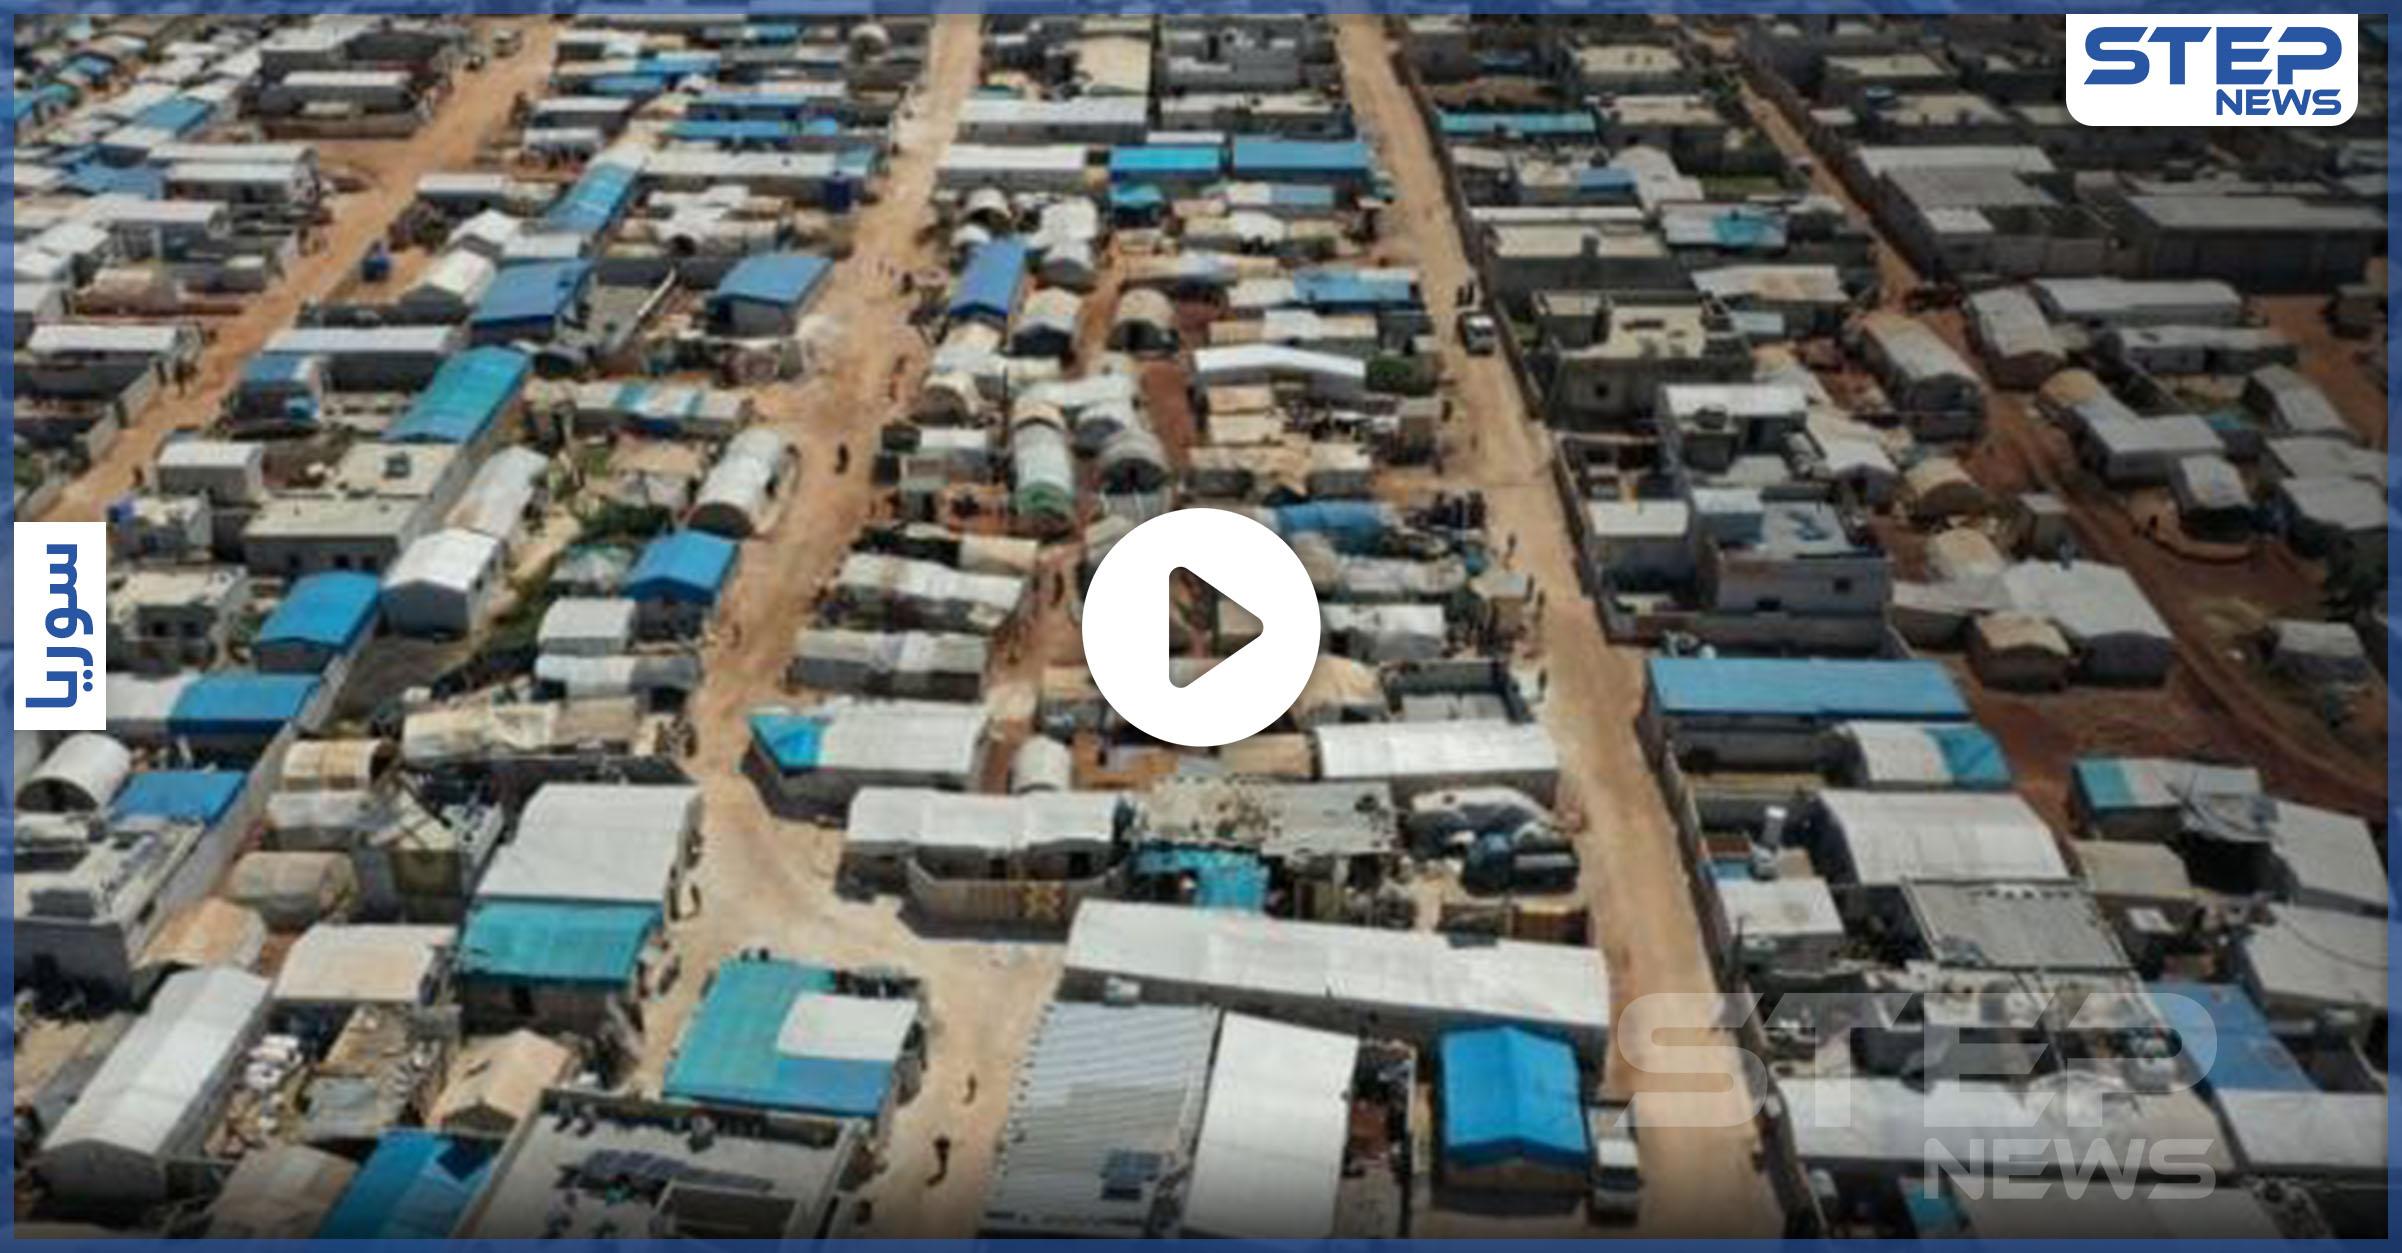 حشرة سامة غريبة تظهر في مخيمات إدلب